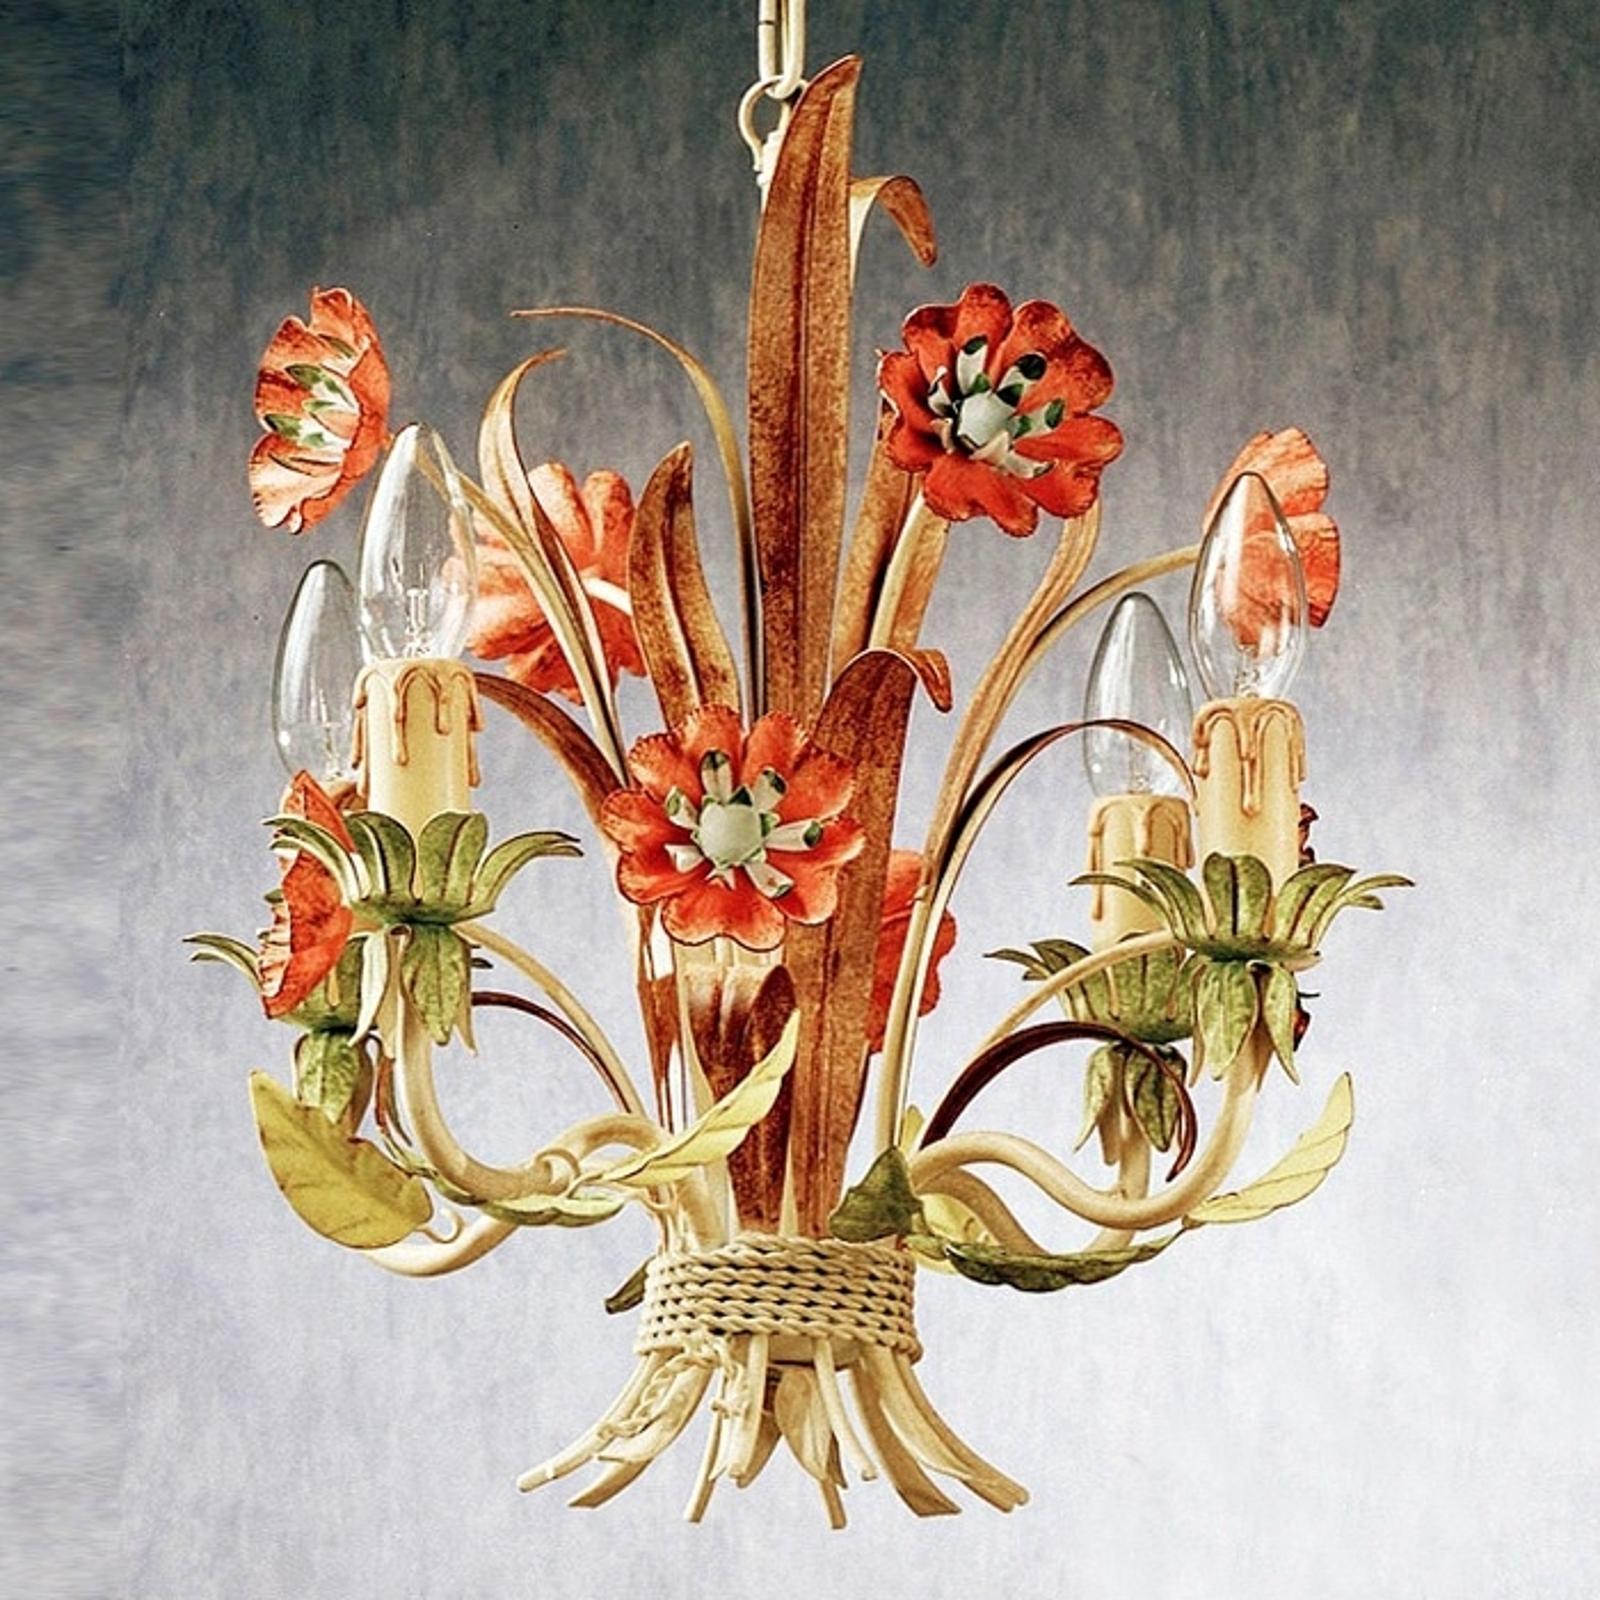 Lampa wisząca NOVARA w stylu florentyńskim